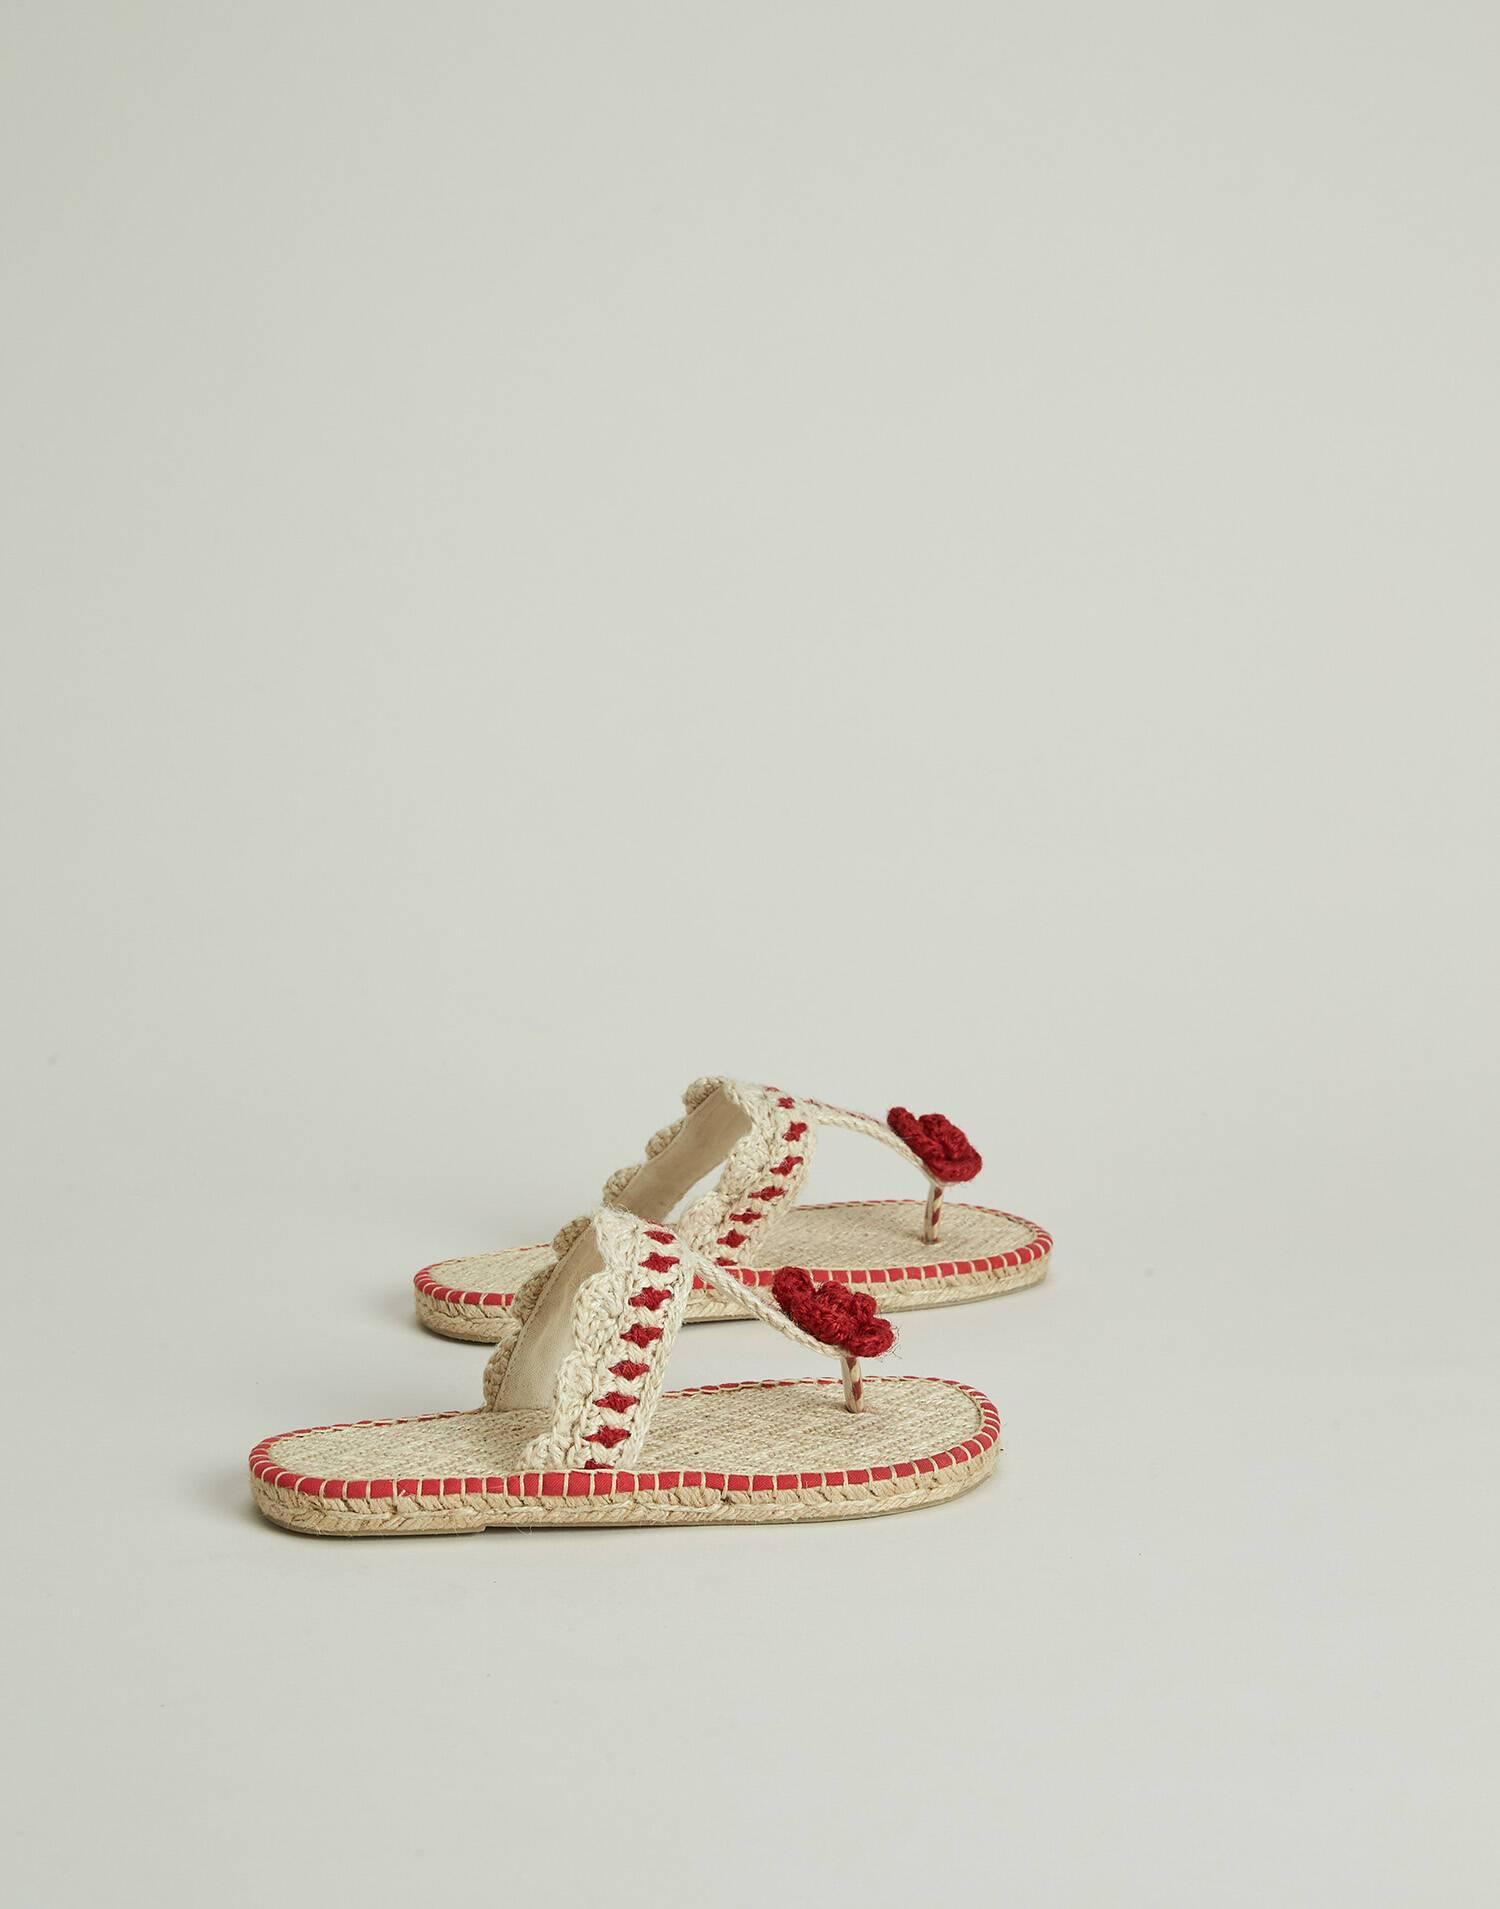 Flower crocheted hemp sandal